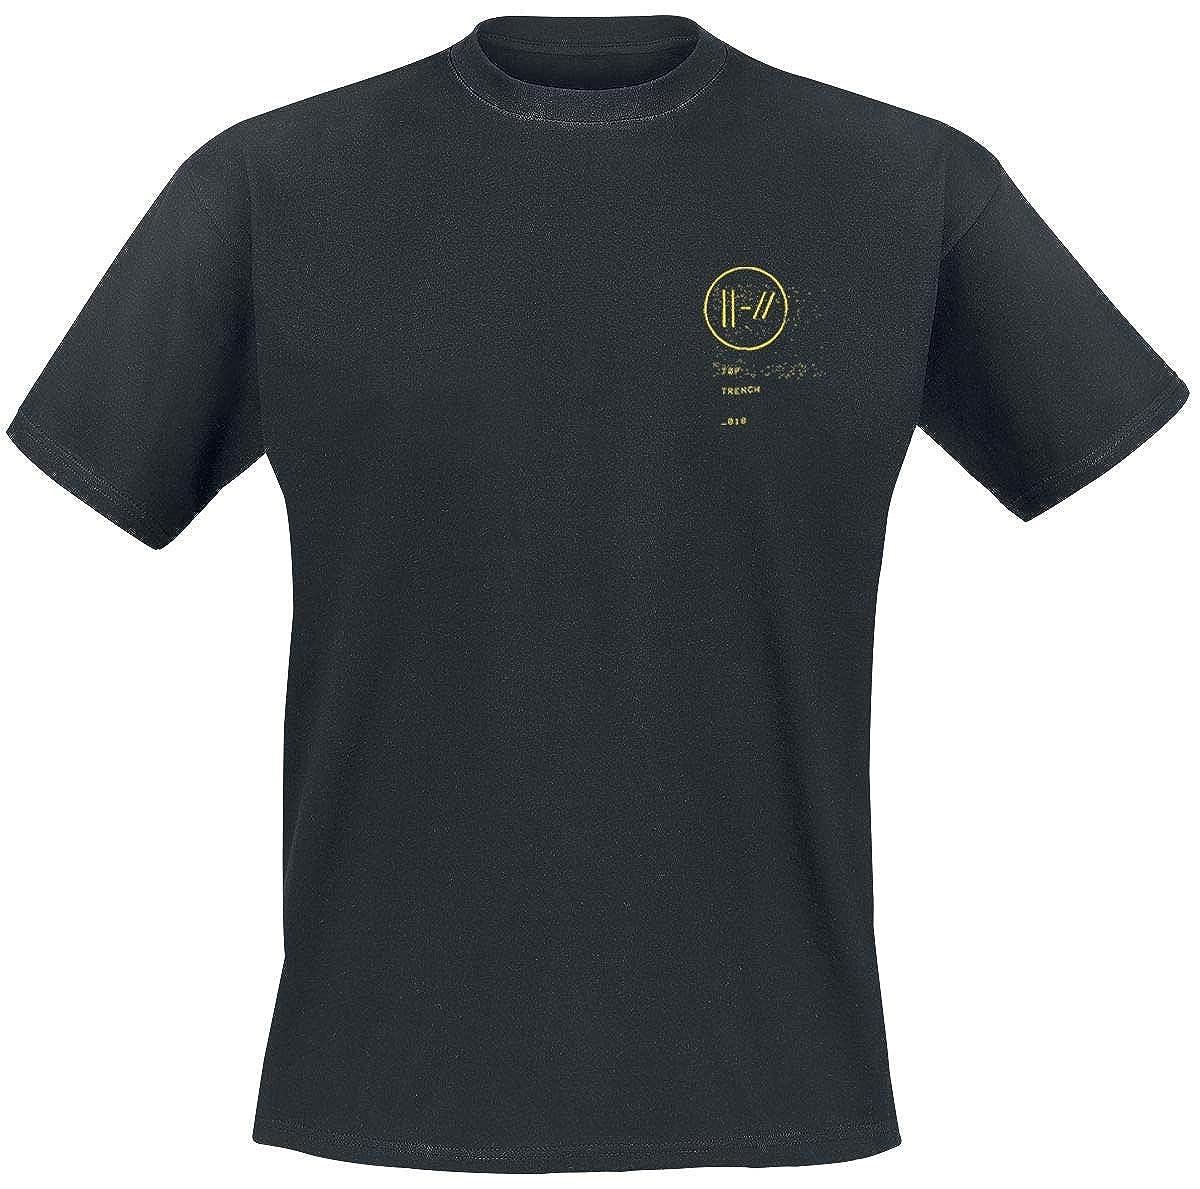 Twenty One Pilots Bandito Circle Camiseta Ceniza/Negro: Amazon.es: Ropa y accesorios